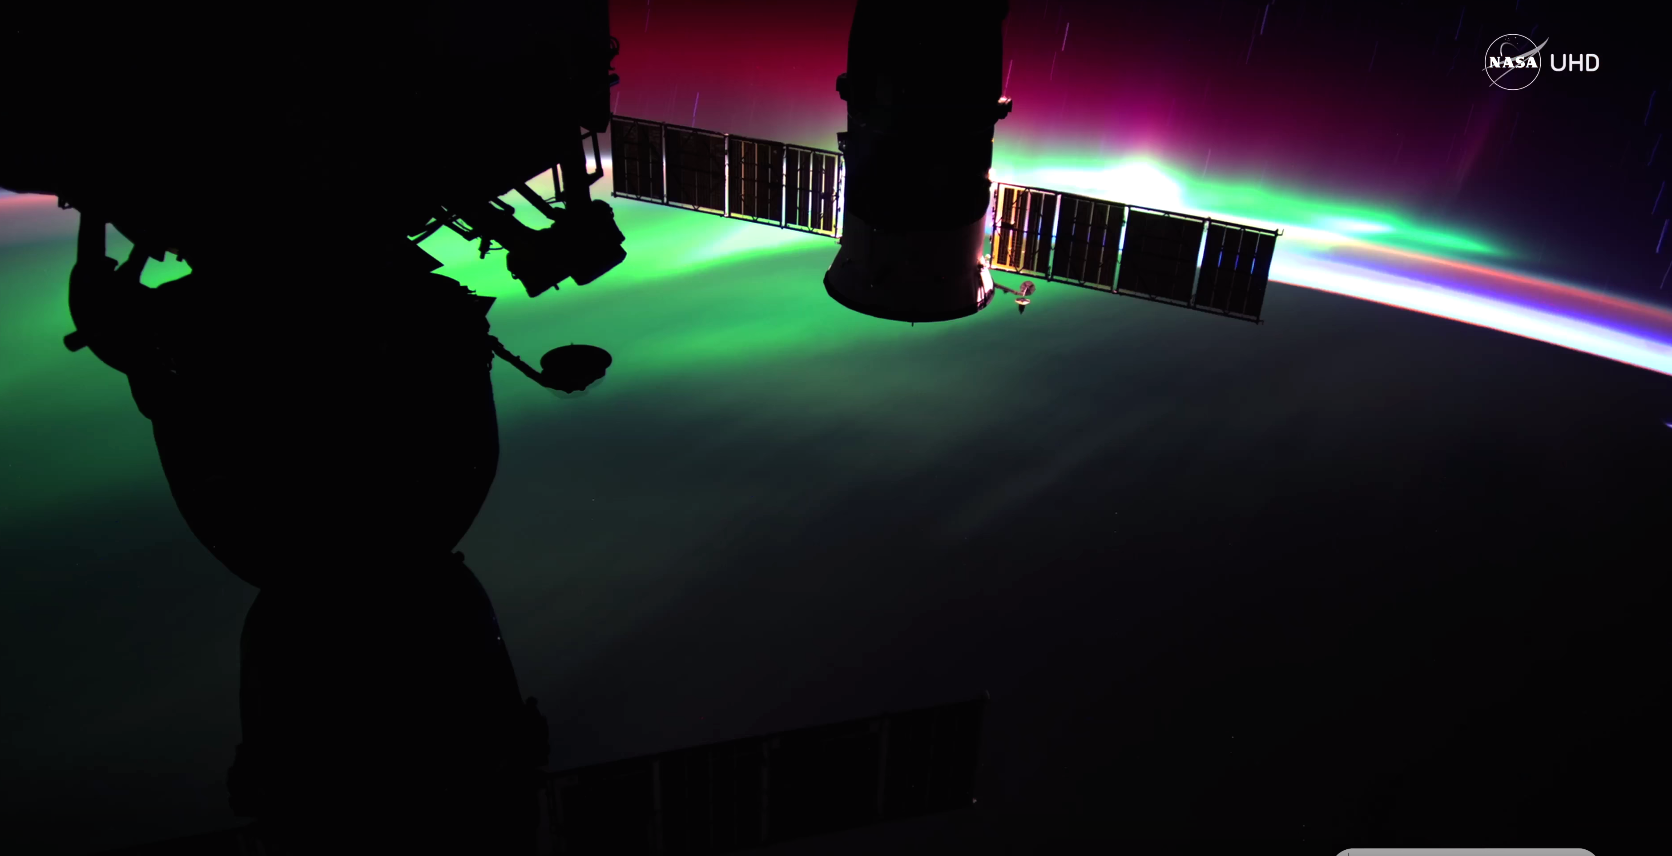 国際宇宙ステーションから「オーロラ」を捉えた4K動画(NASA)